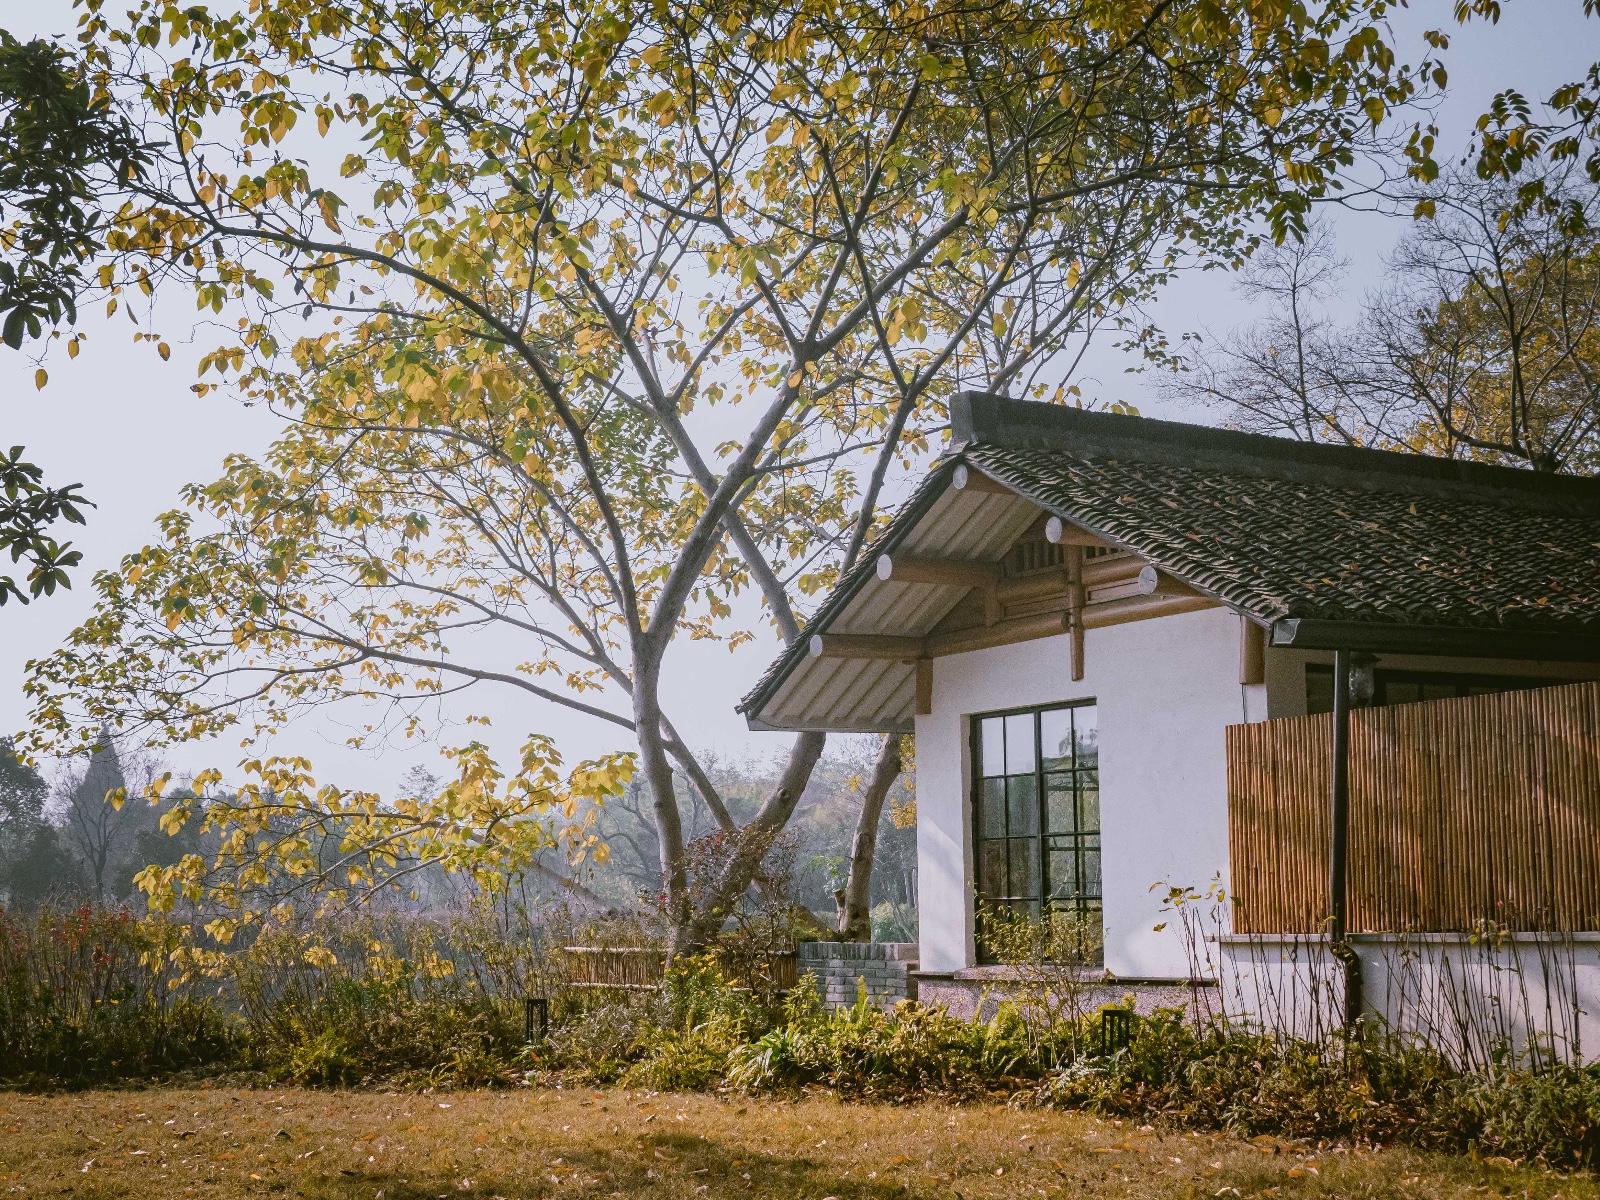 走进西溪十里芳菲度假村落,感受这无比温暖的初冬